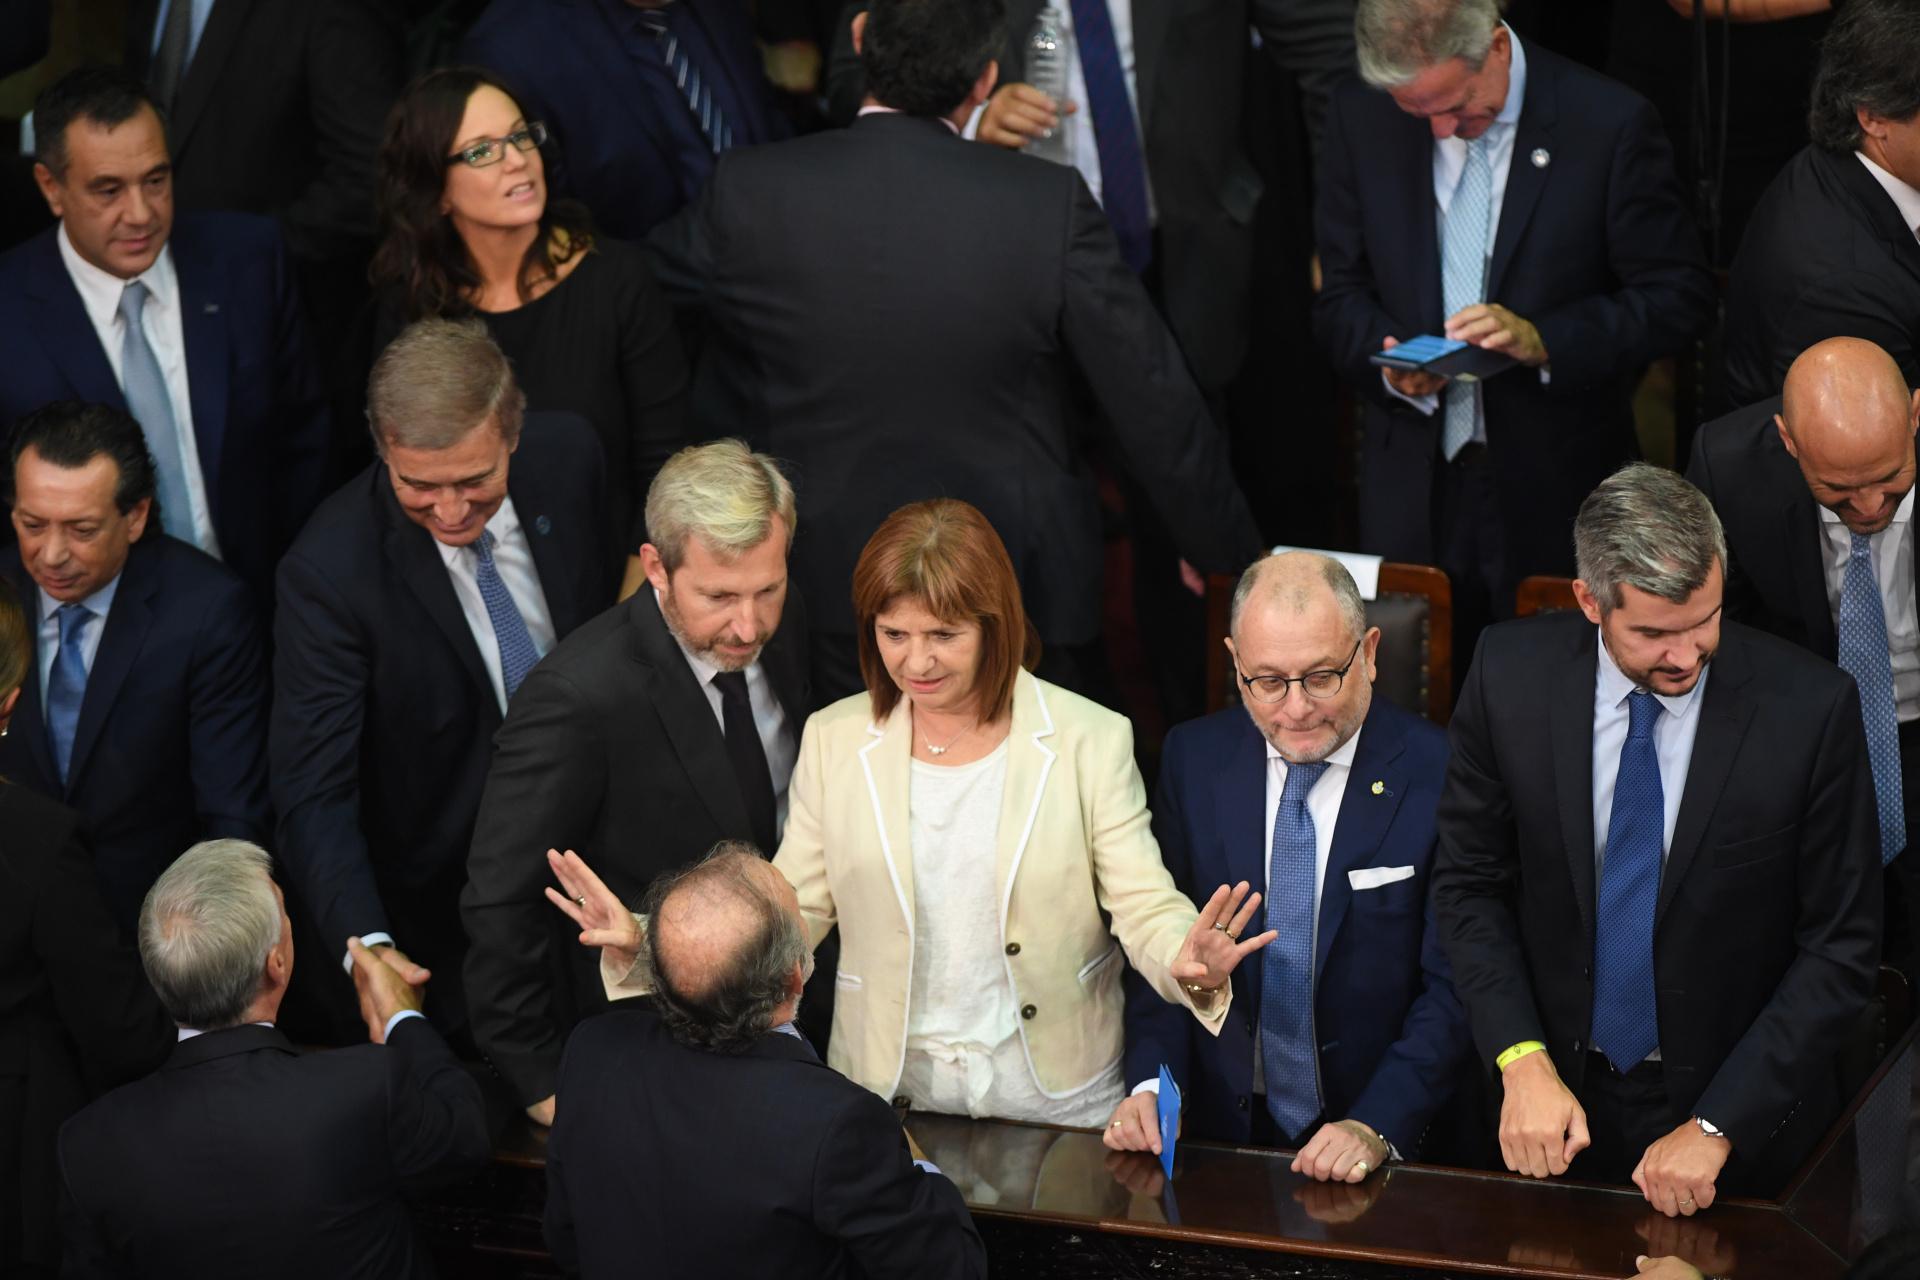 La ministra de Seguridad, Patricia Bullrich, ordena al resto de los integrantes del Gabinete